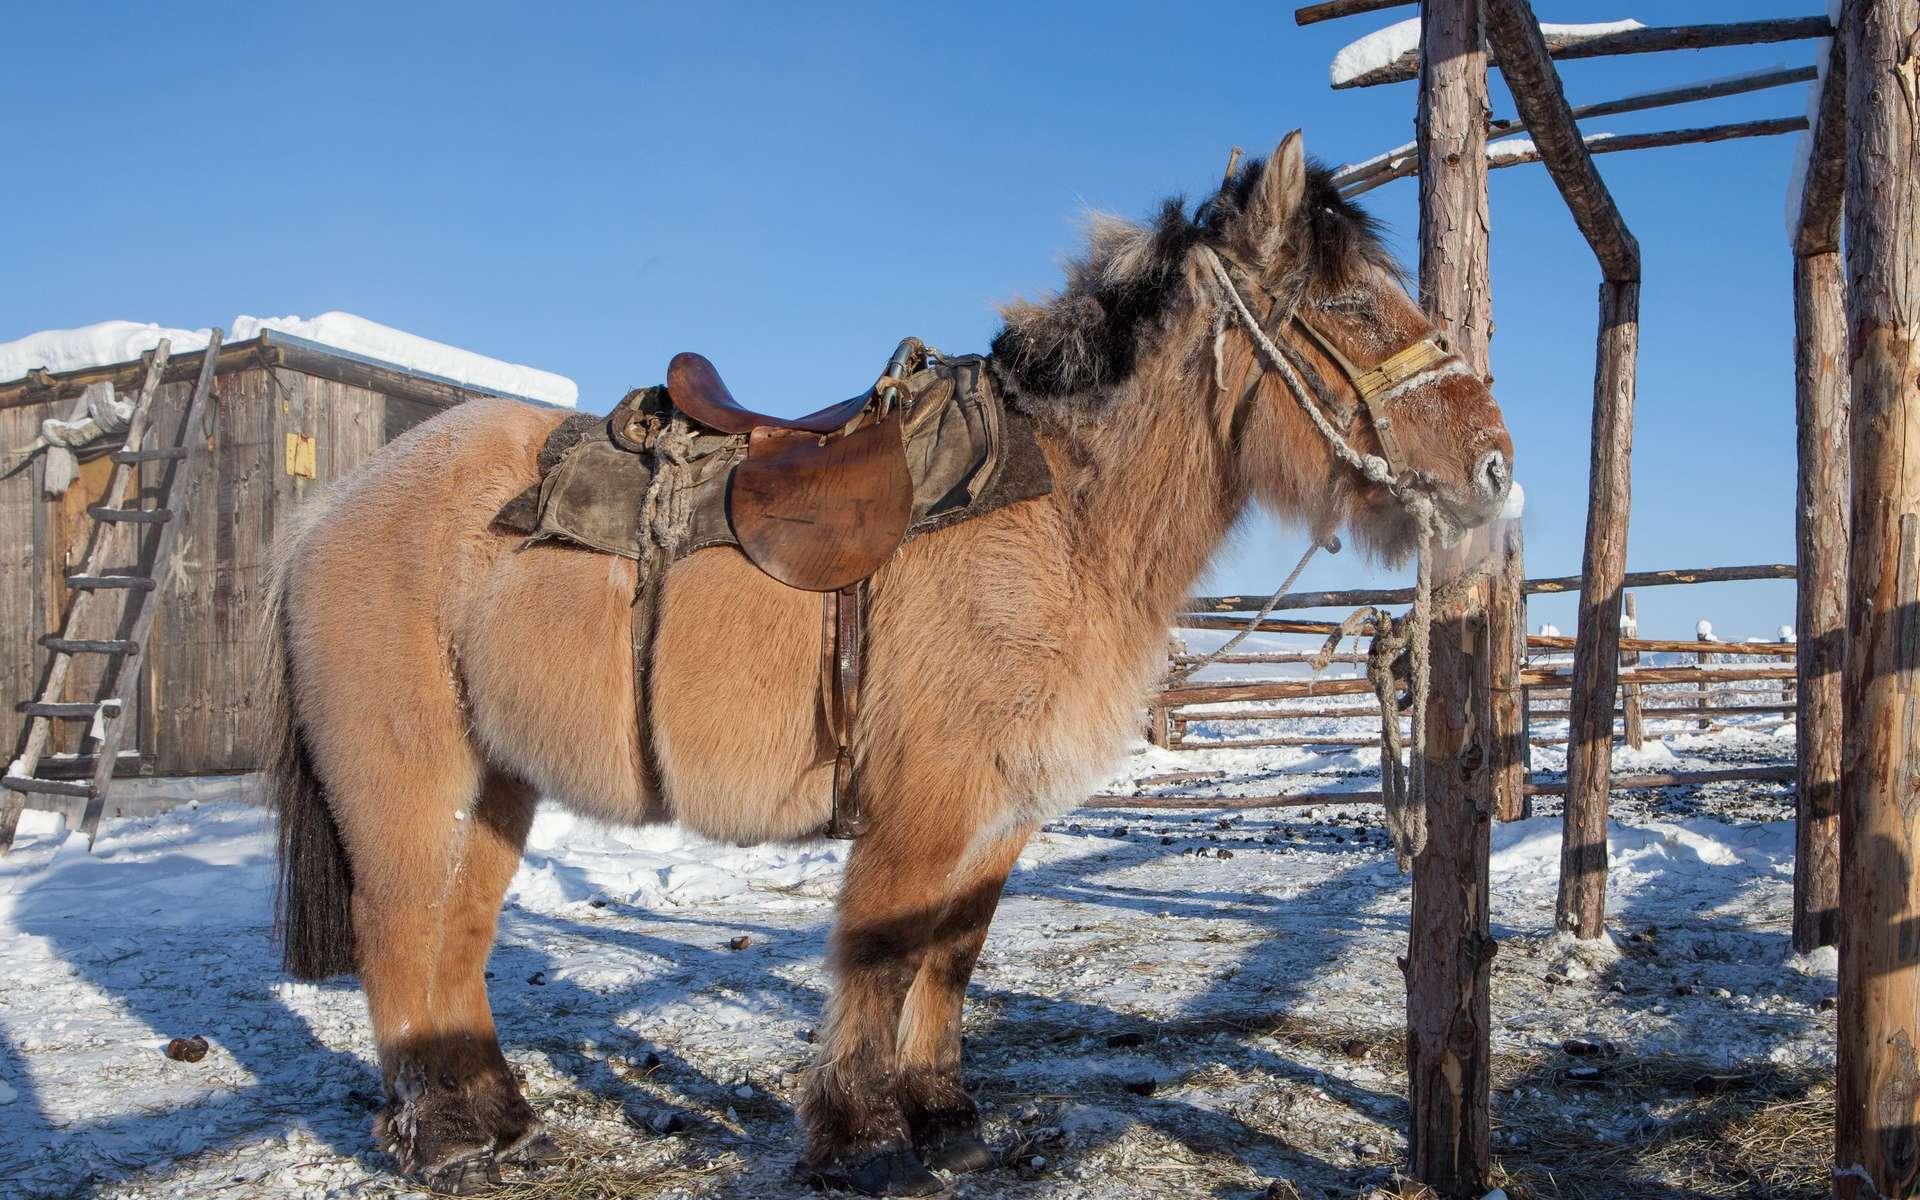 Le cheval (ou poney) iakoute, semi-sauvage, est bien adapté au difficile climat de la Sibérie. La croyance populaire veut que cette race soit ancienne. L'analyse génétique montre qu'il n'en est rien et que l'adaptation s'est réalisée étonnamment rapidement. © Maarten Takens, CC by-sa 2.0